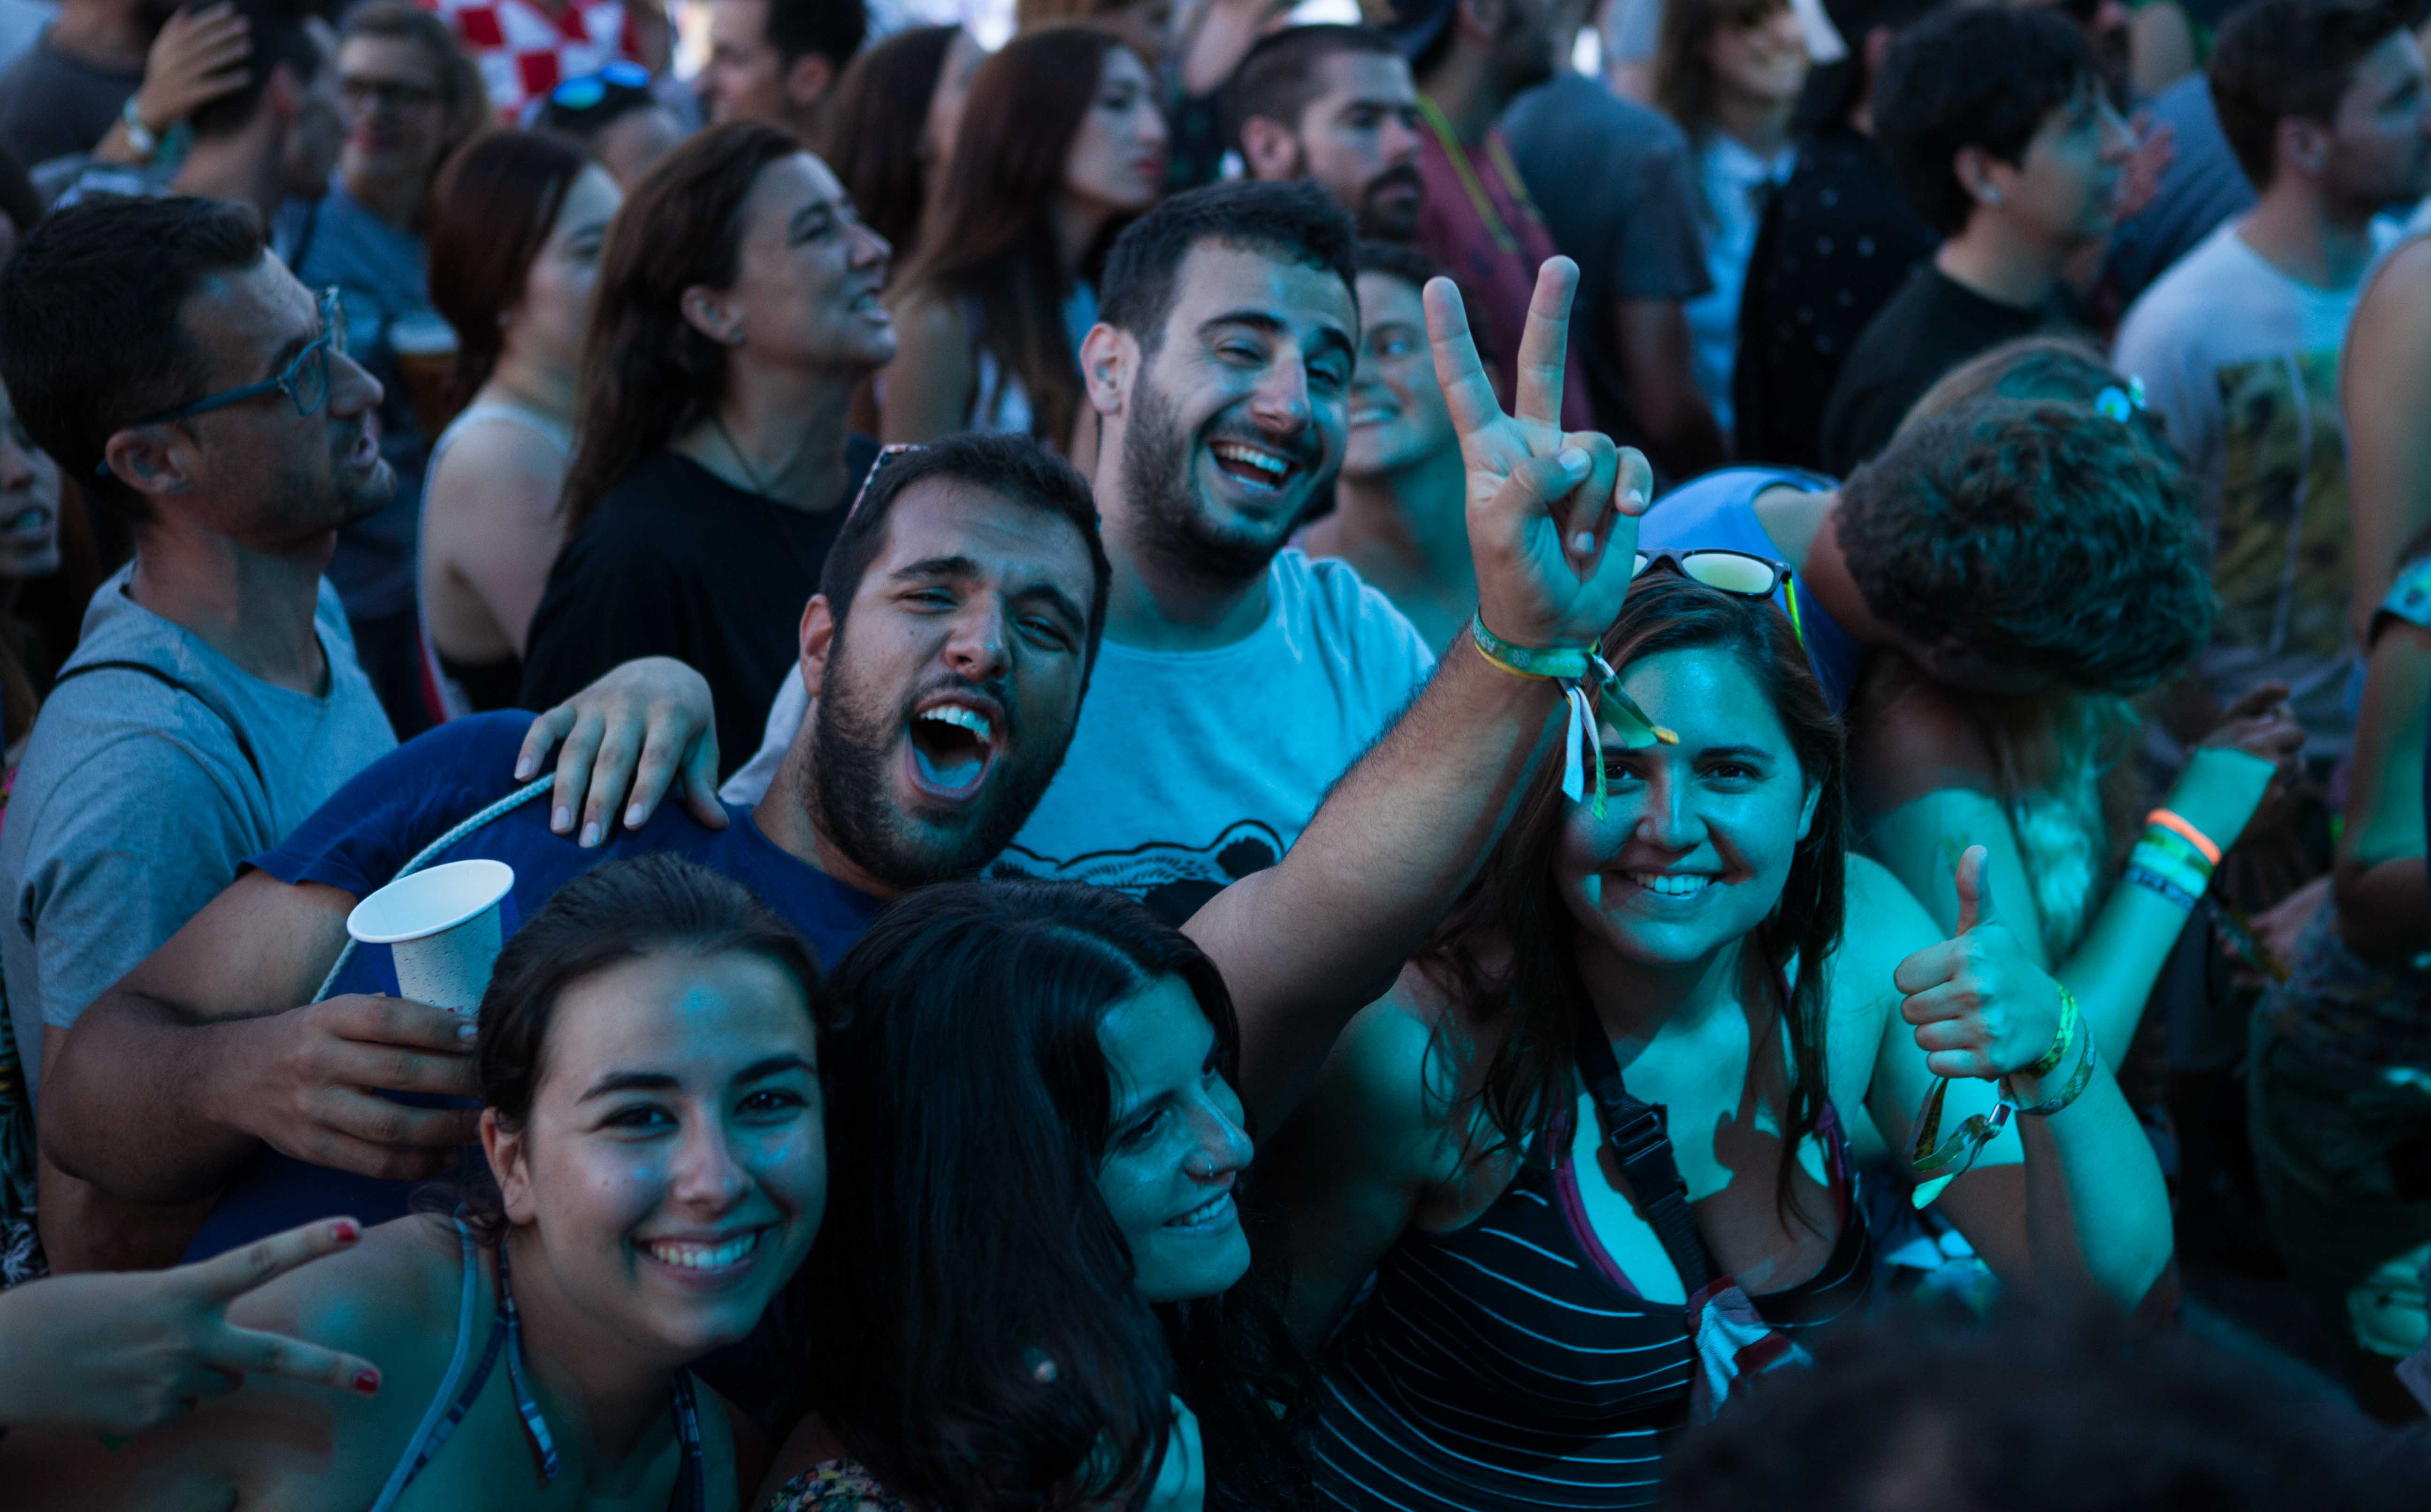 Arenal Sound 2015. A. Calleja per a Revista Tres deu